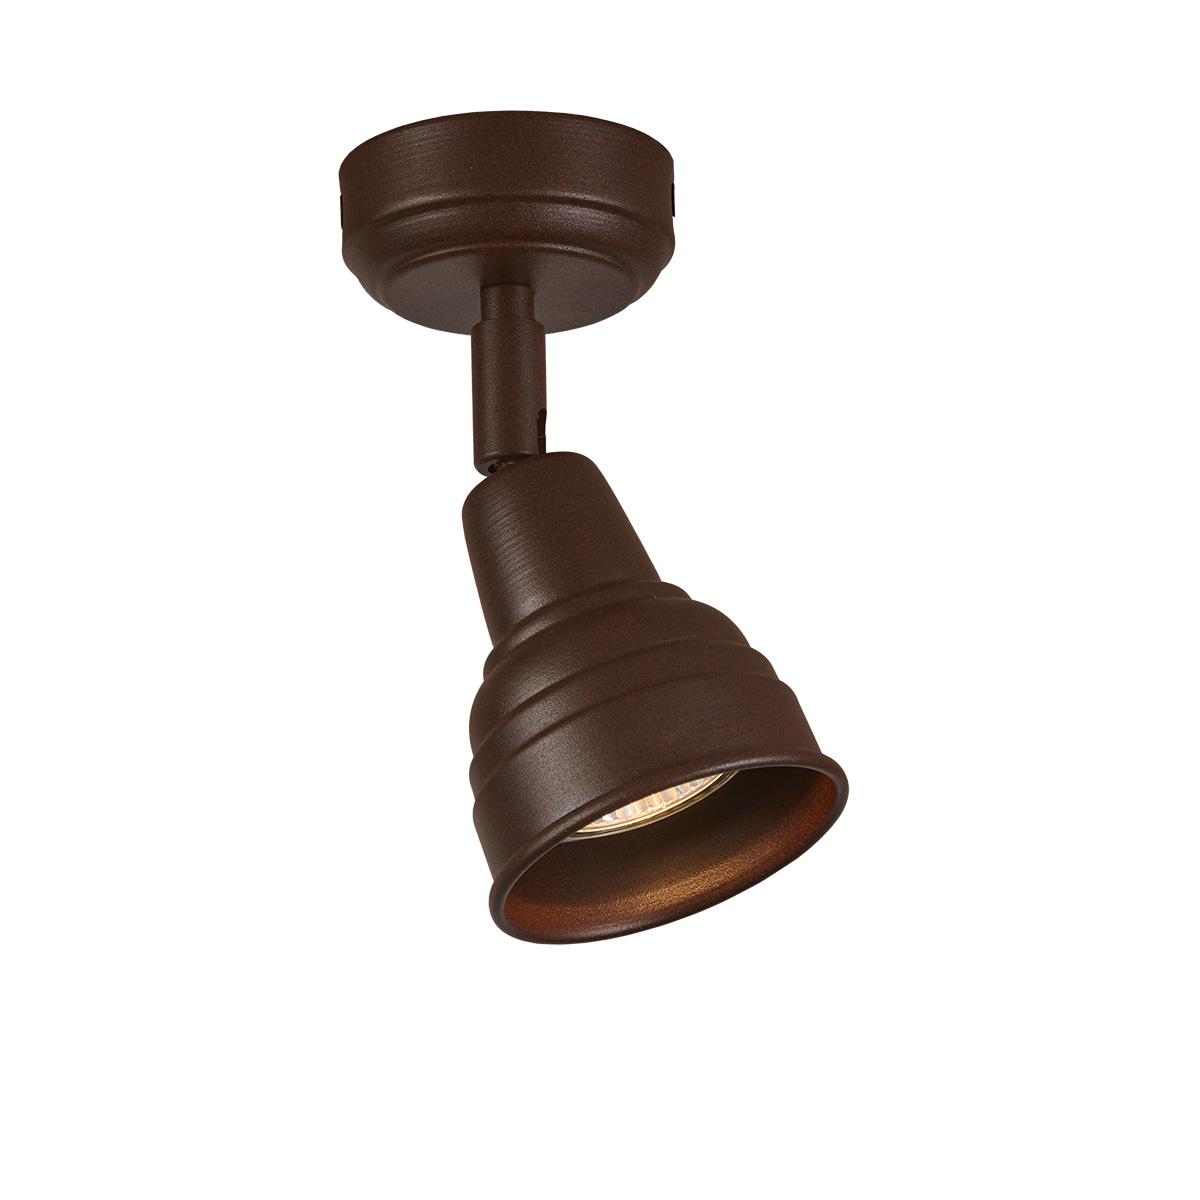 Ρουστίκ σποτ σε καφέ πατίνα ΙΟΣ brown patinated rustic spotlights